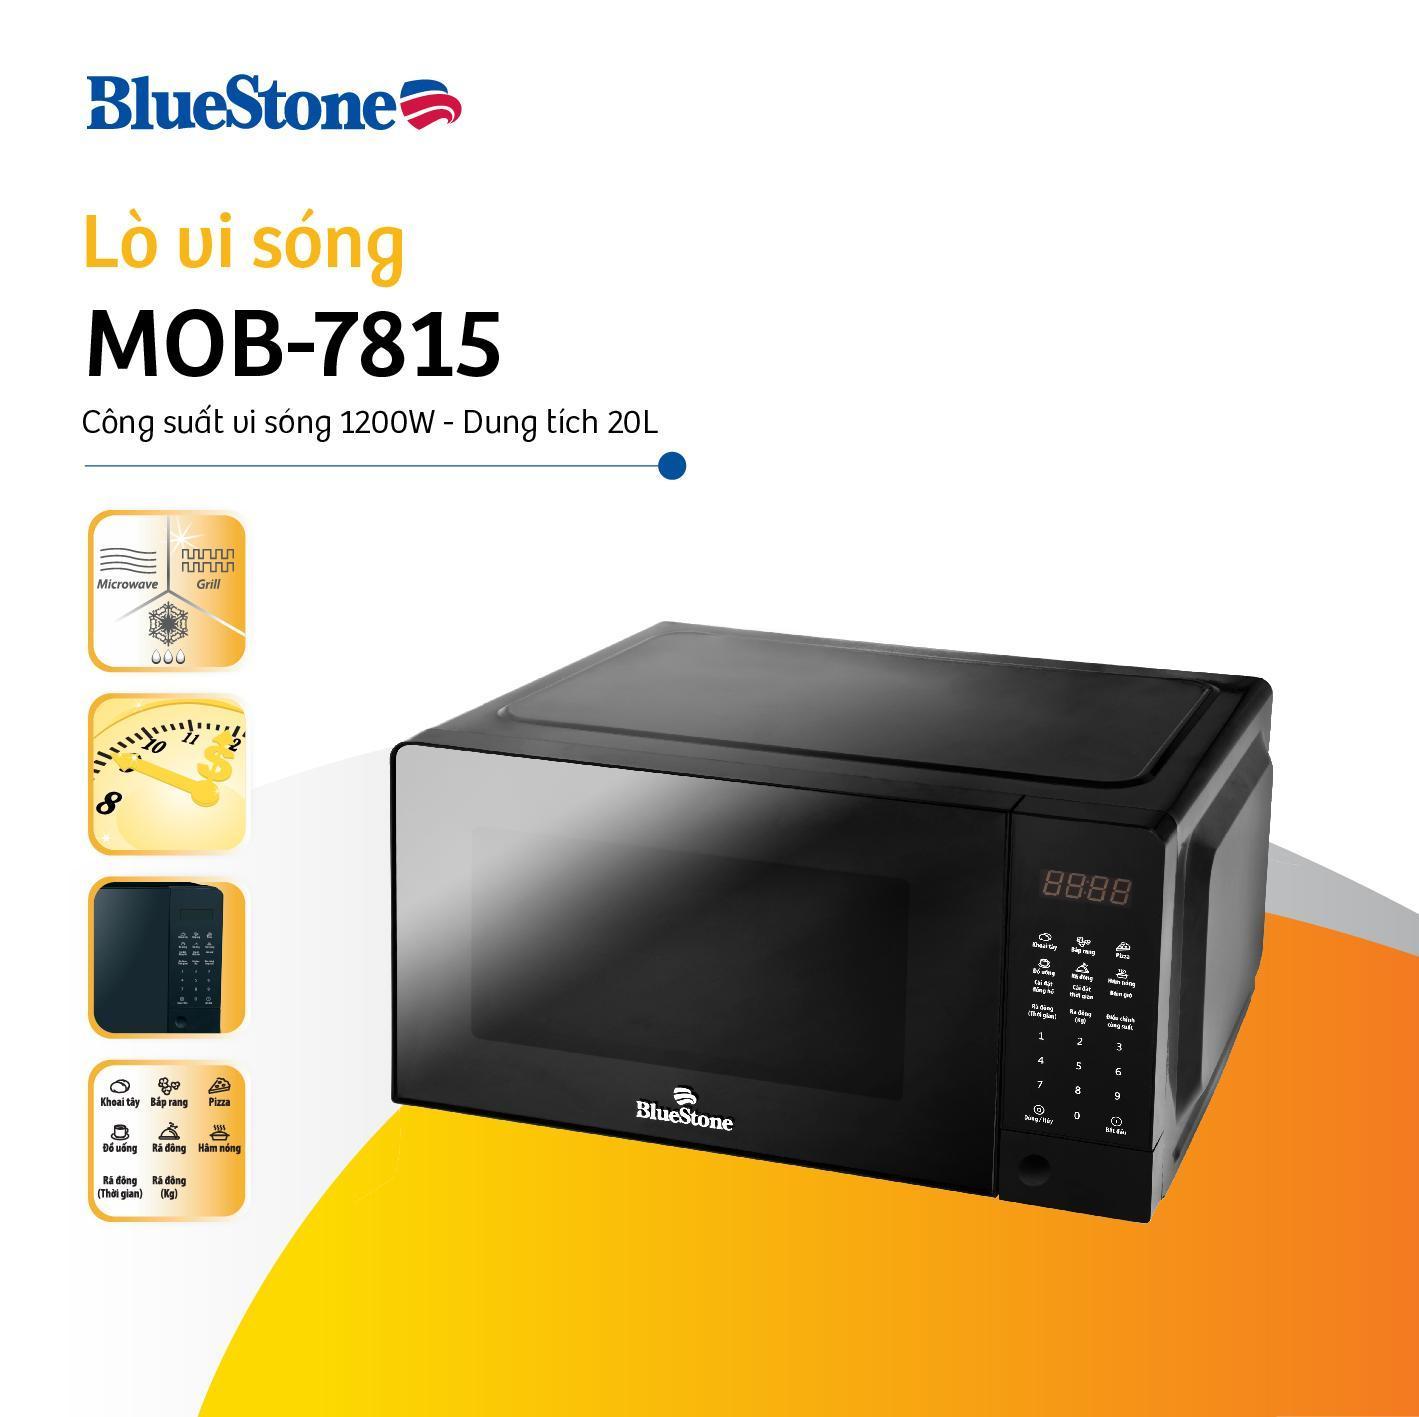 Lò vi sóng điện tử Bluestone MOB-7815 - 20L - Công suất 1200W - Bảo hành 2 năm - Hàng chính hãng